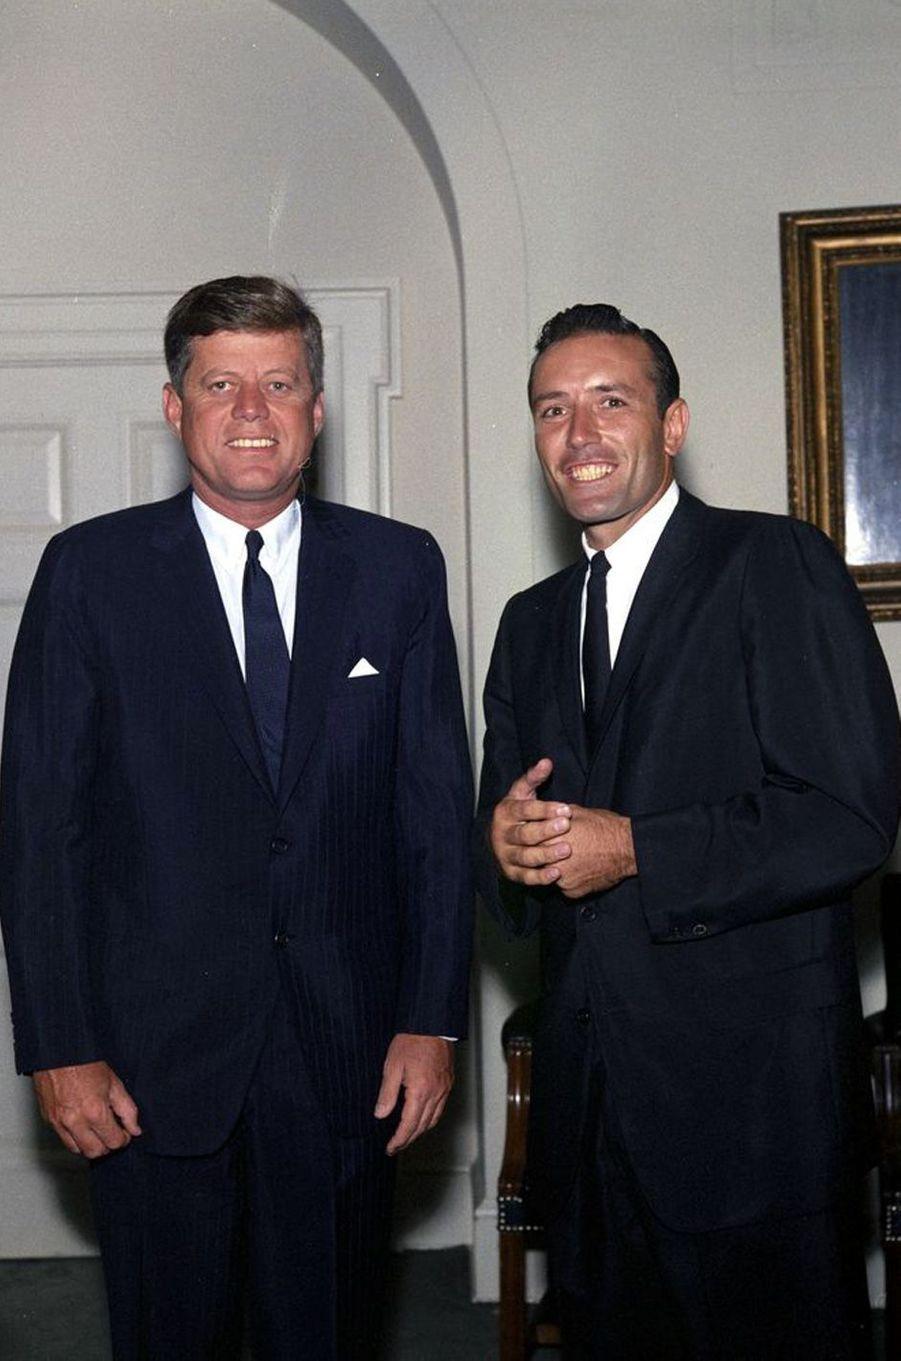 John F. Kennedy et le joueur de base-ball Jimmy Piersall, en juillet 1962.